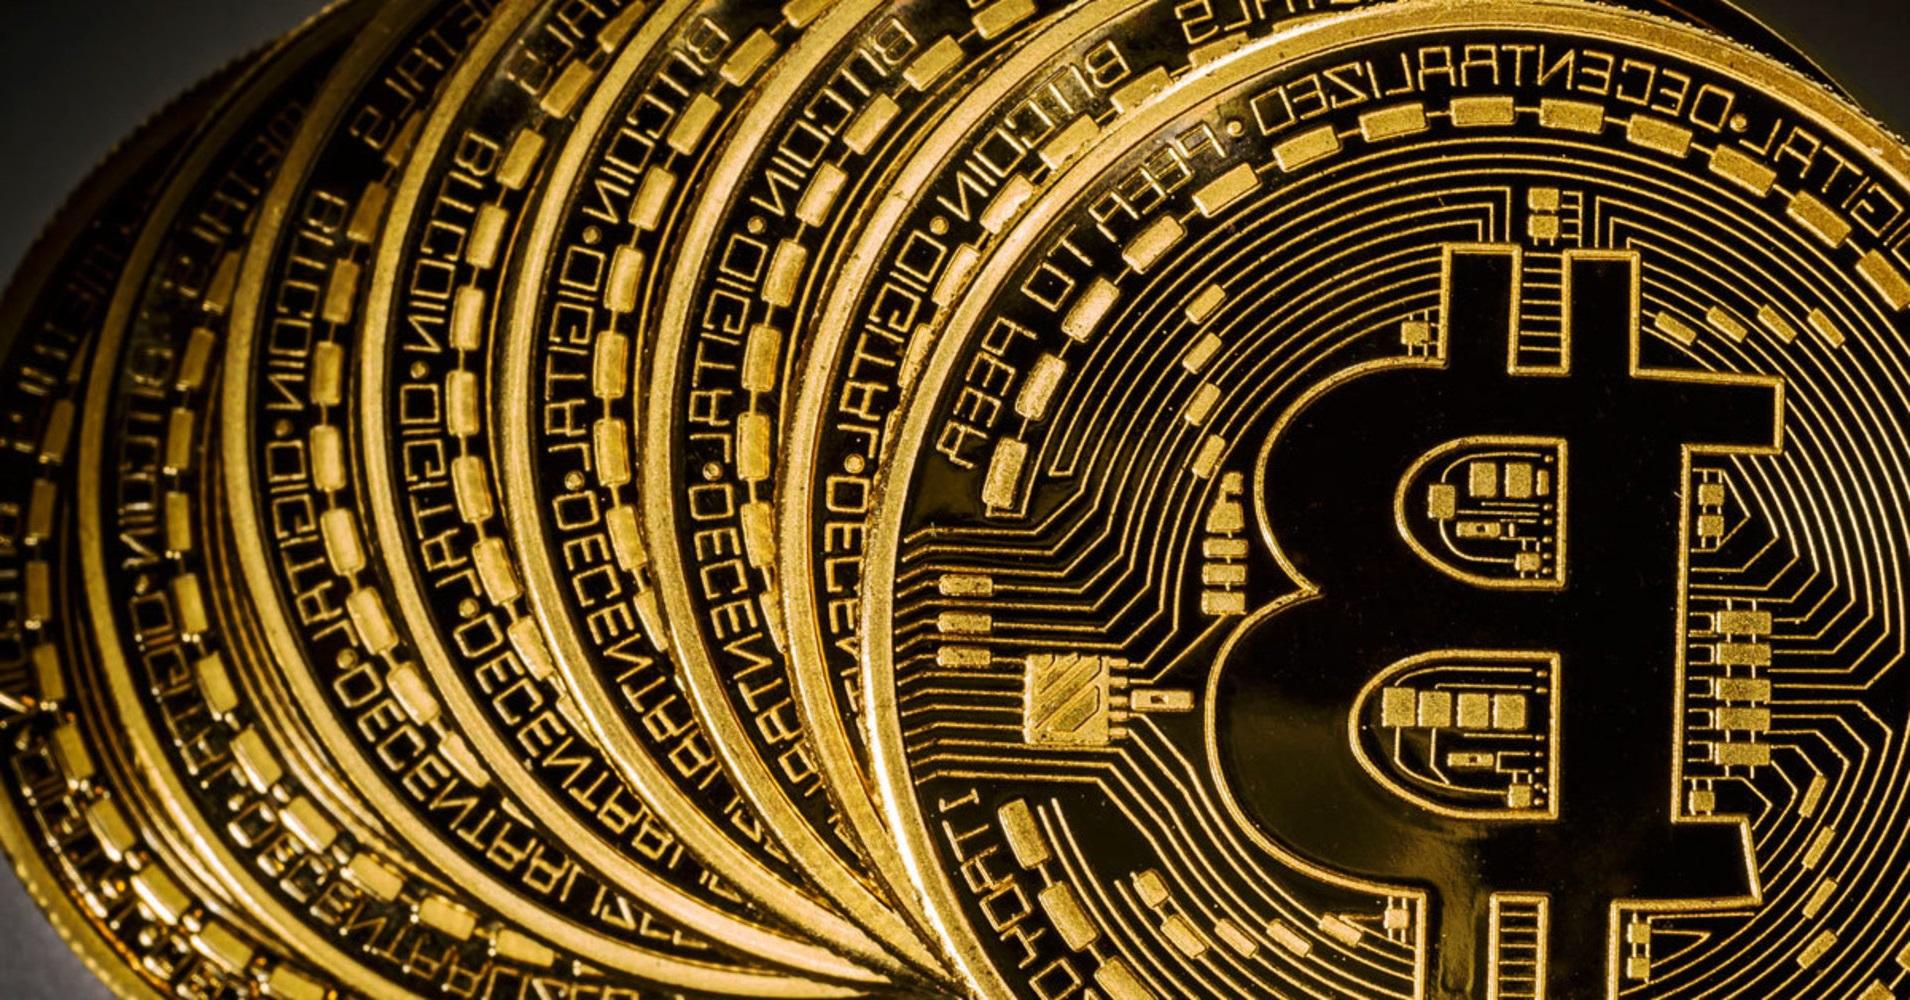 Bitcoins in divorce